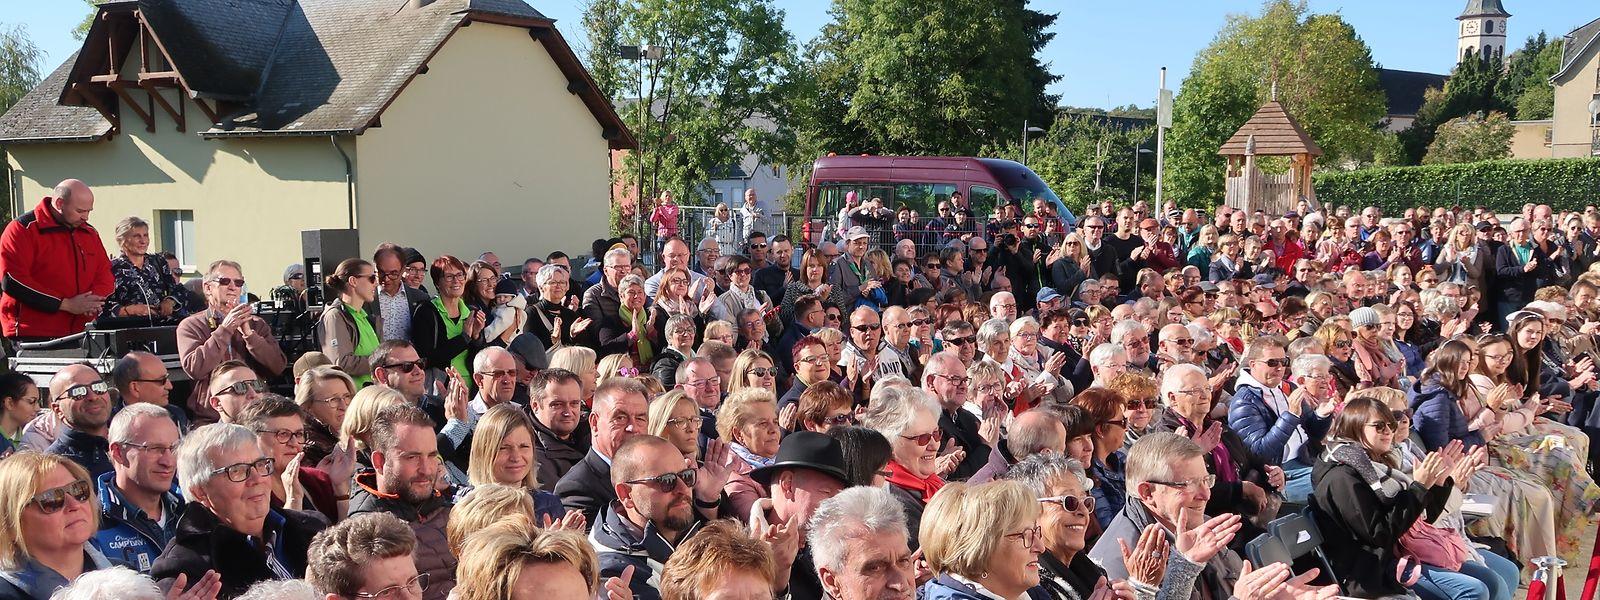 Zur Eröffnung am Morgen um 10 Uhr wohnten bereits über 300  Besucher im Worré-Park einem amüsanten Theaterstück bei. Politiker spielten dabei die Hauptrolle...